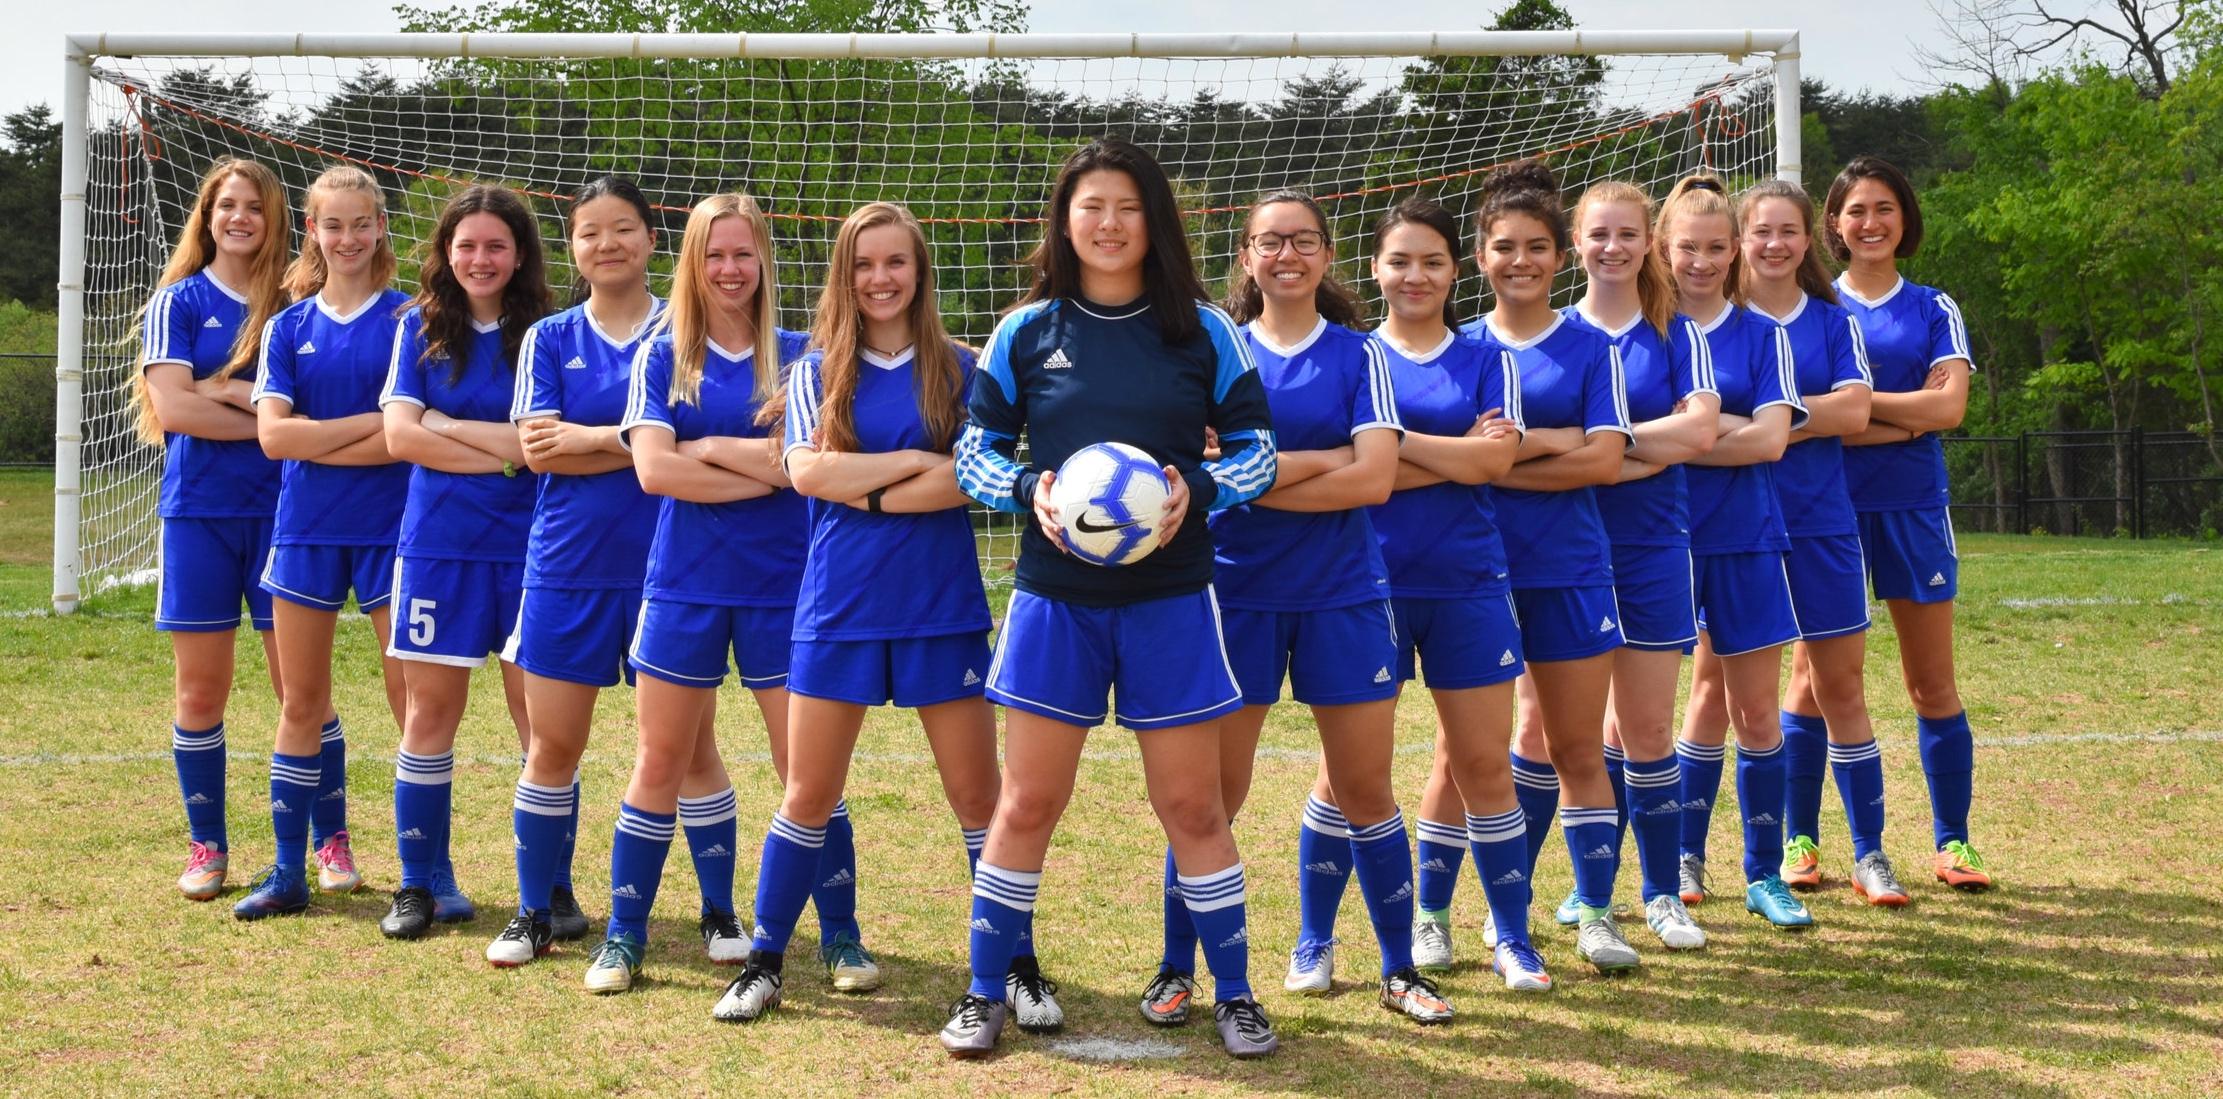 Varsity+Girls%27+Soccer-2.jpg